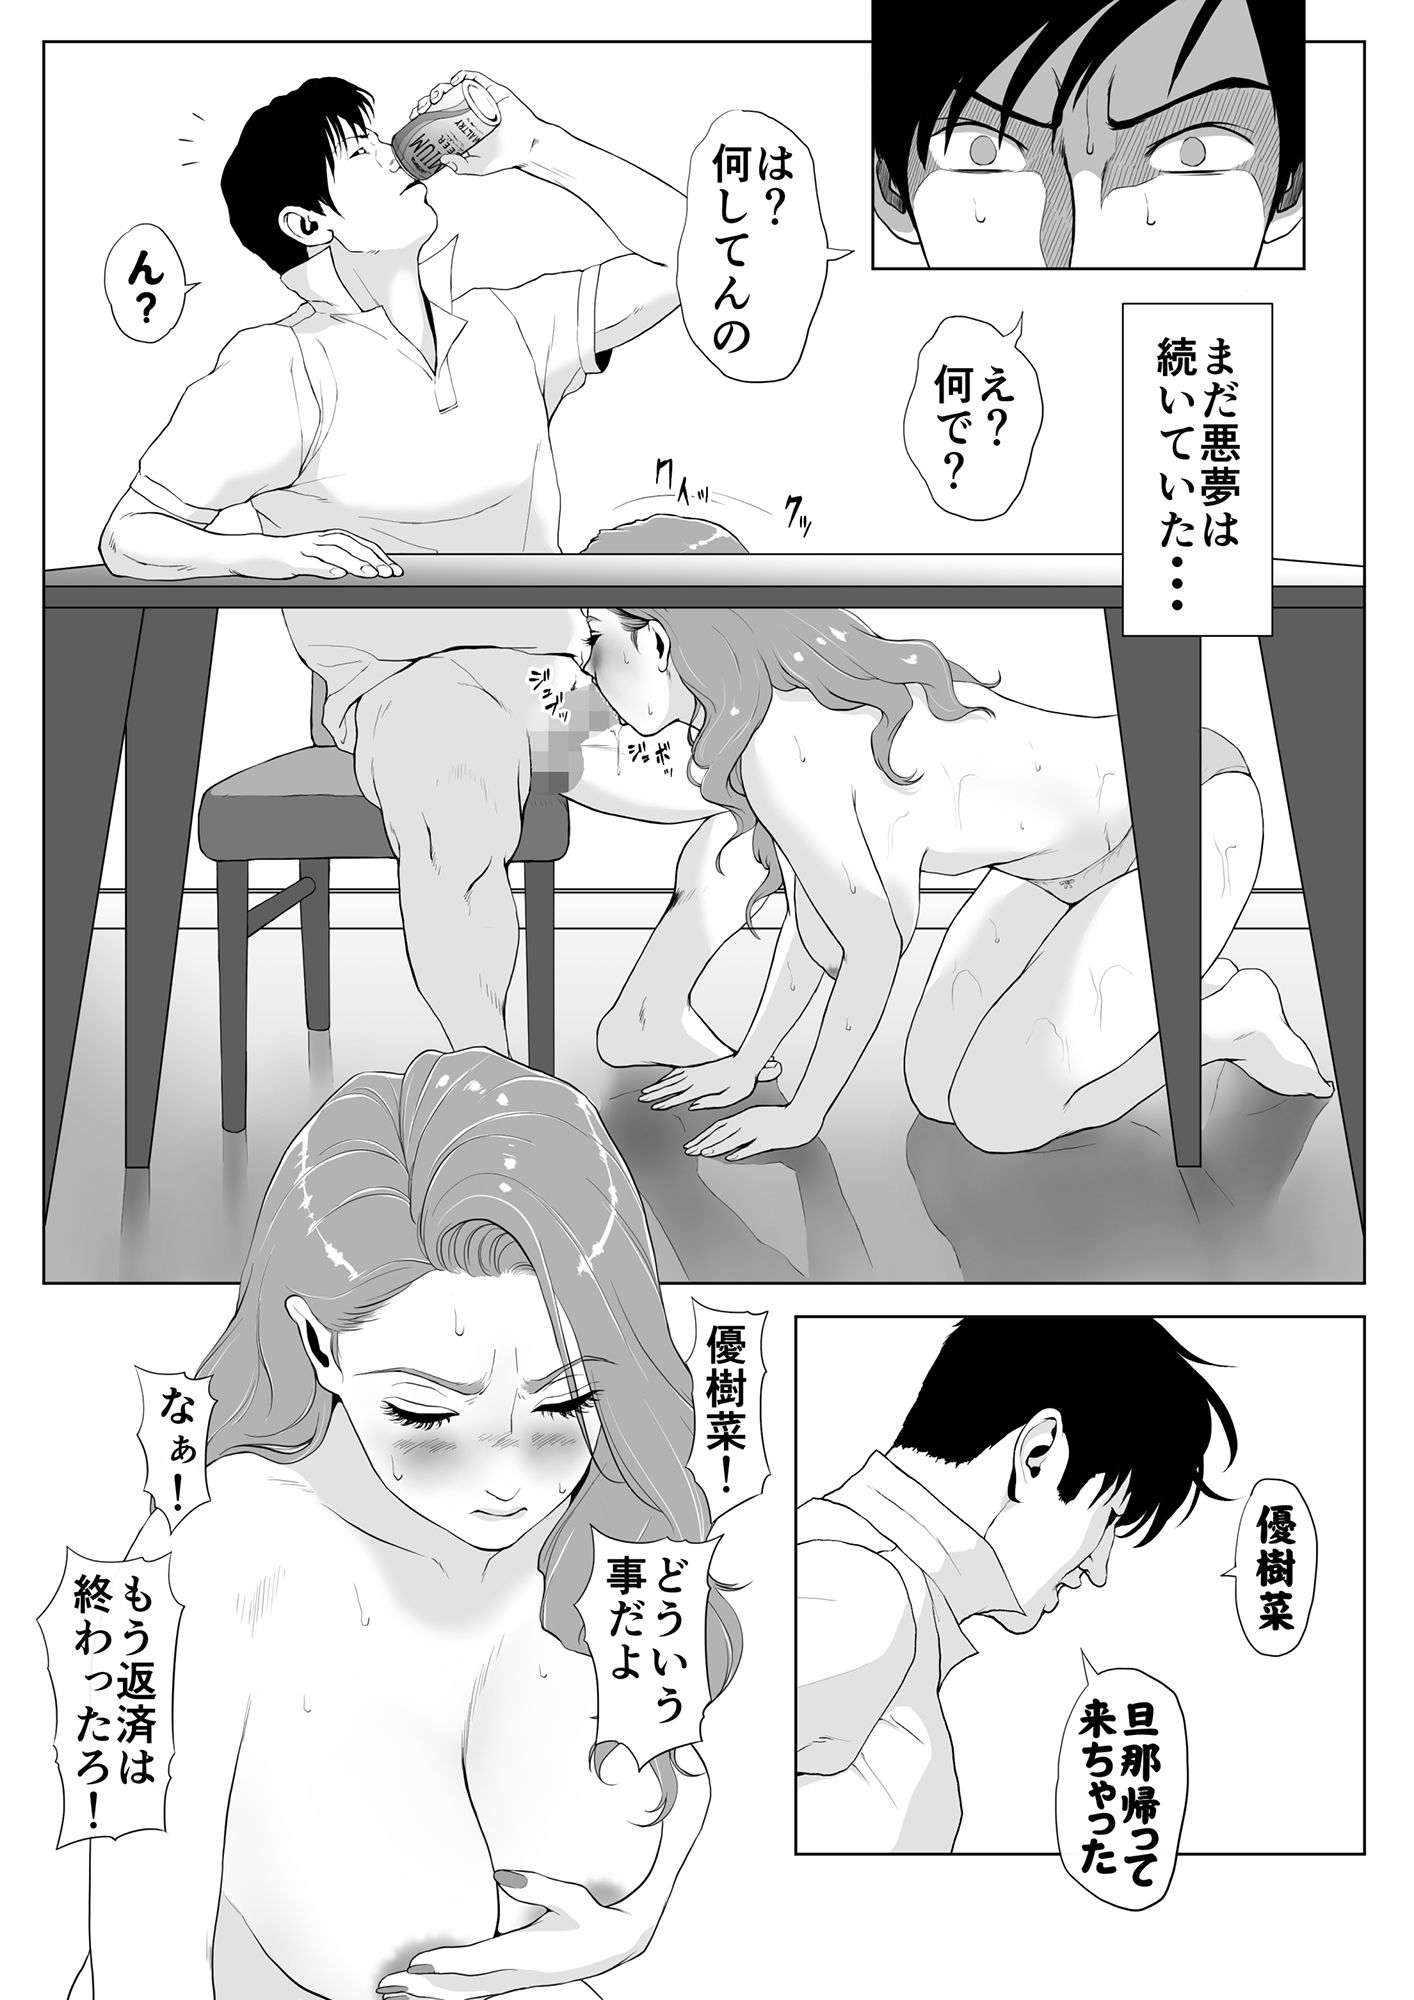 イキ癖をつけられた元ヤン妻【作者:Wの本能】【8】